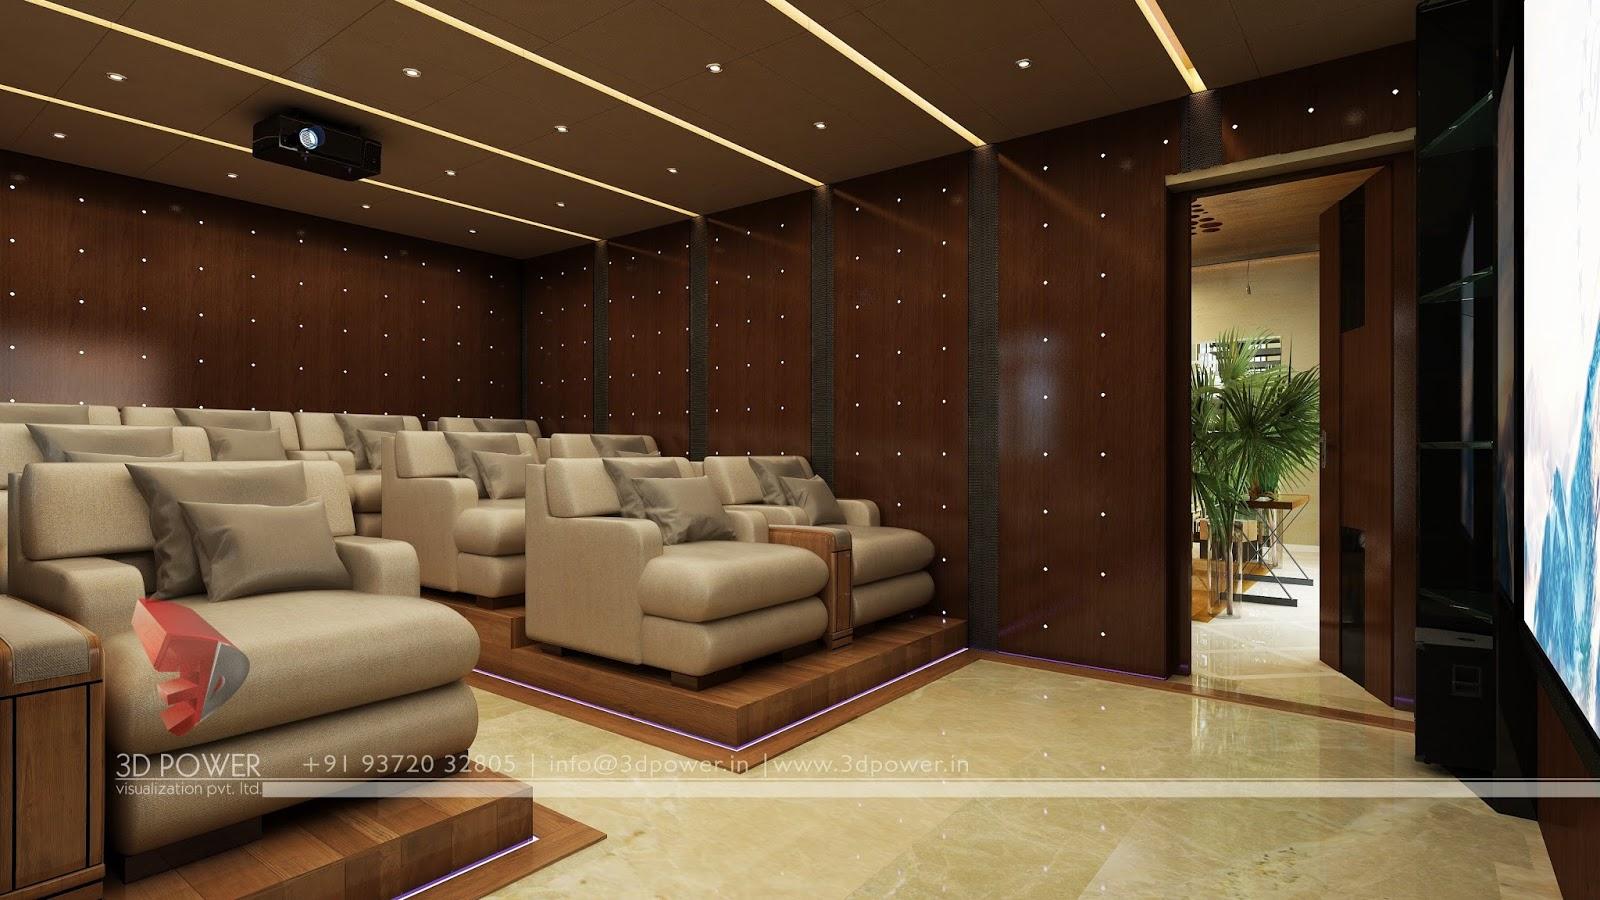 3d interior designs interior designer the best home theater interior designing 3d - Home theater interior designs hacks ...